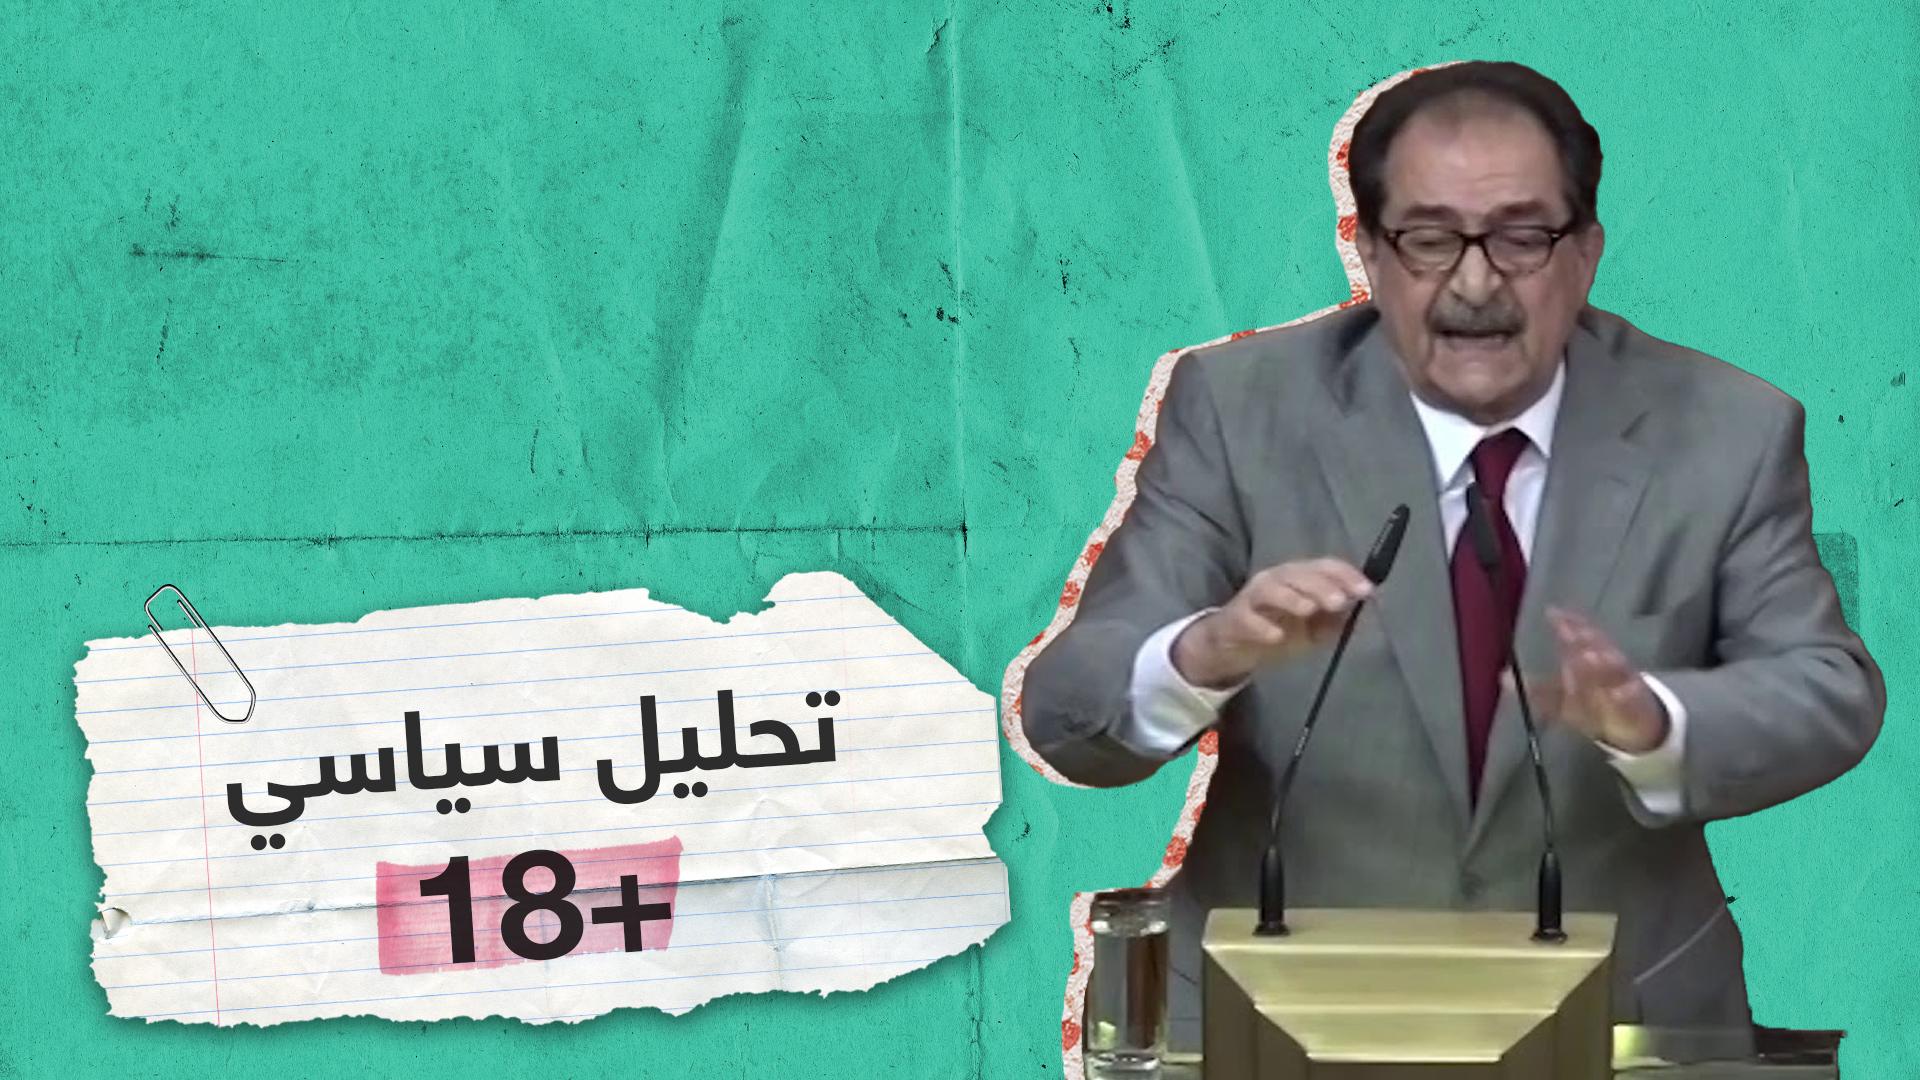 تحليل سياسي أم إباحي في برلمان لبنان؟